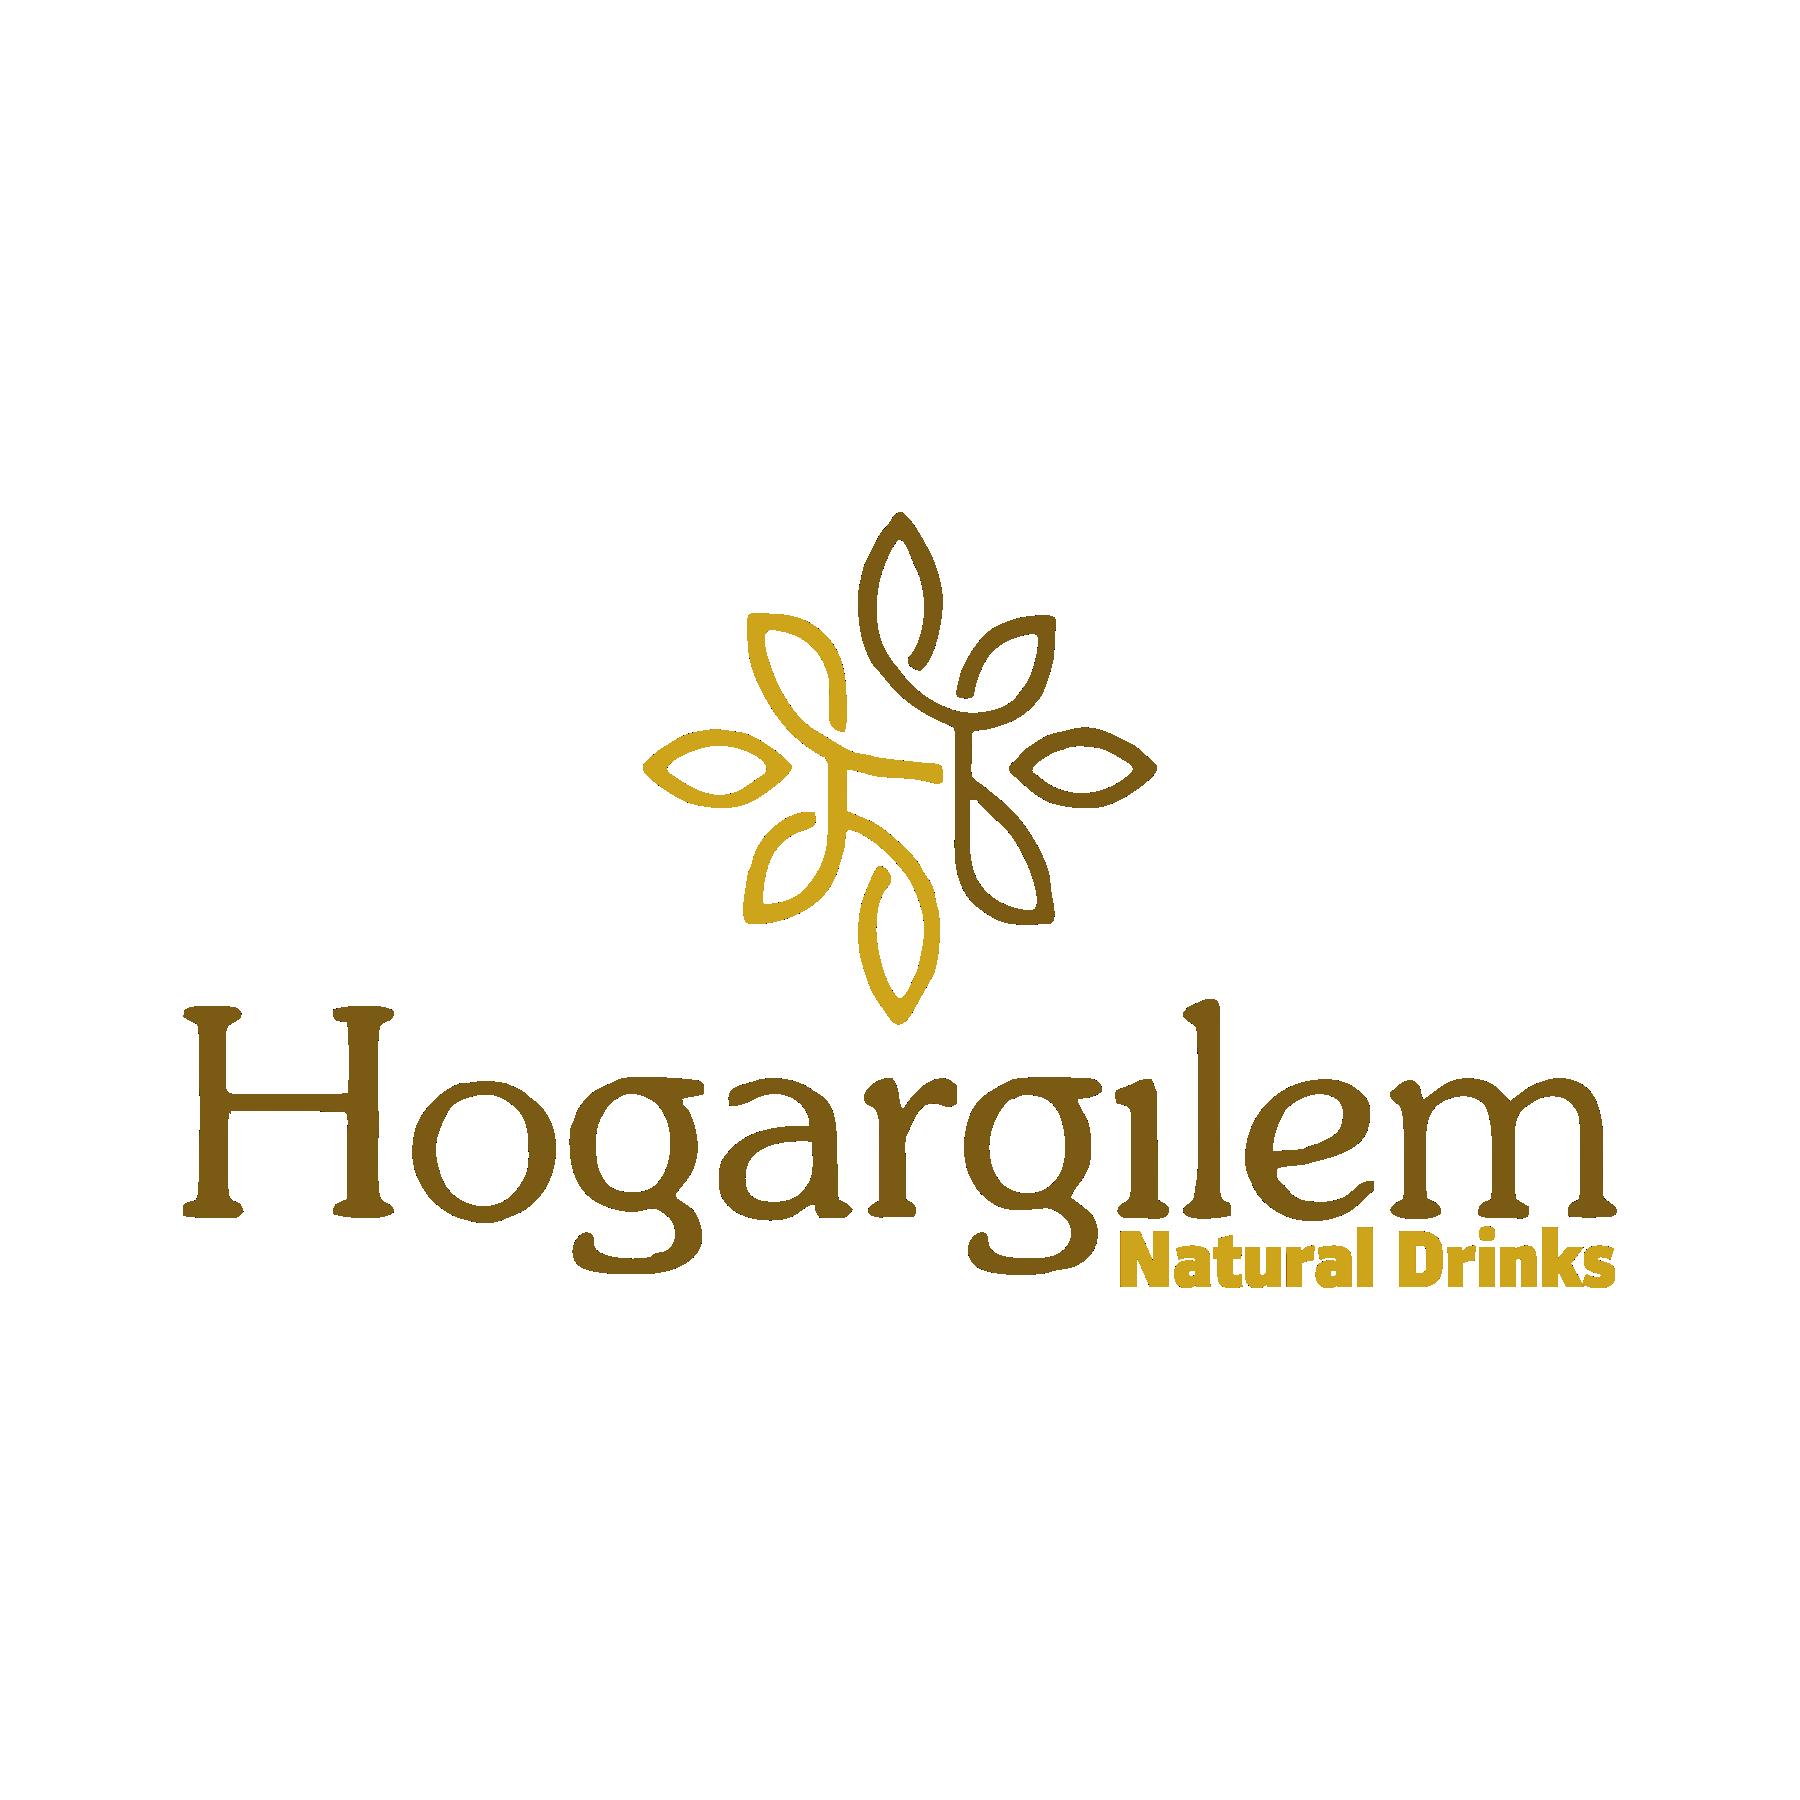 Hogargilem